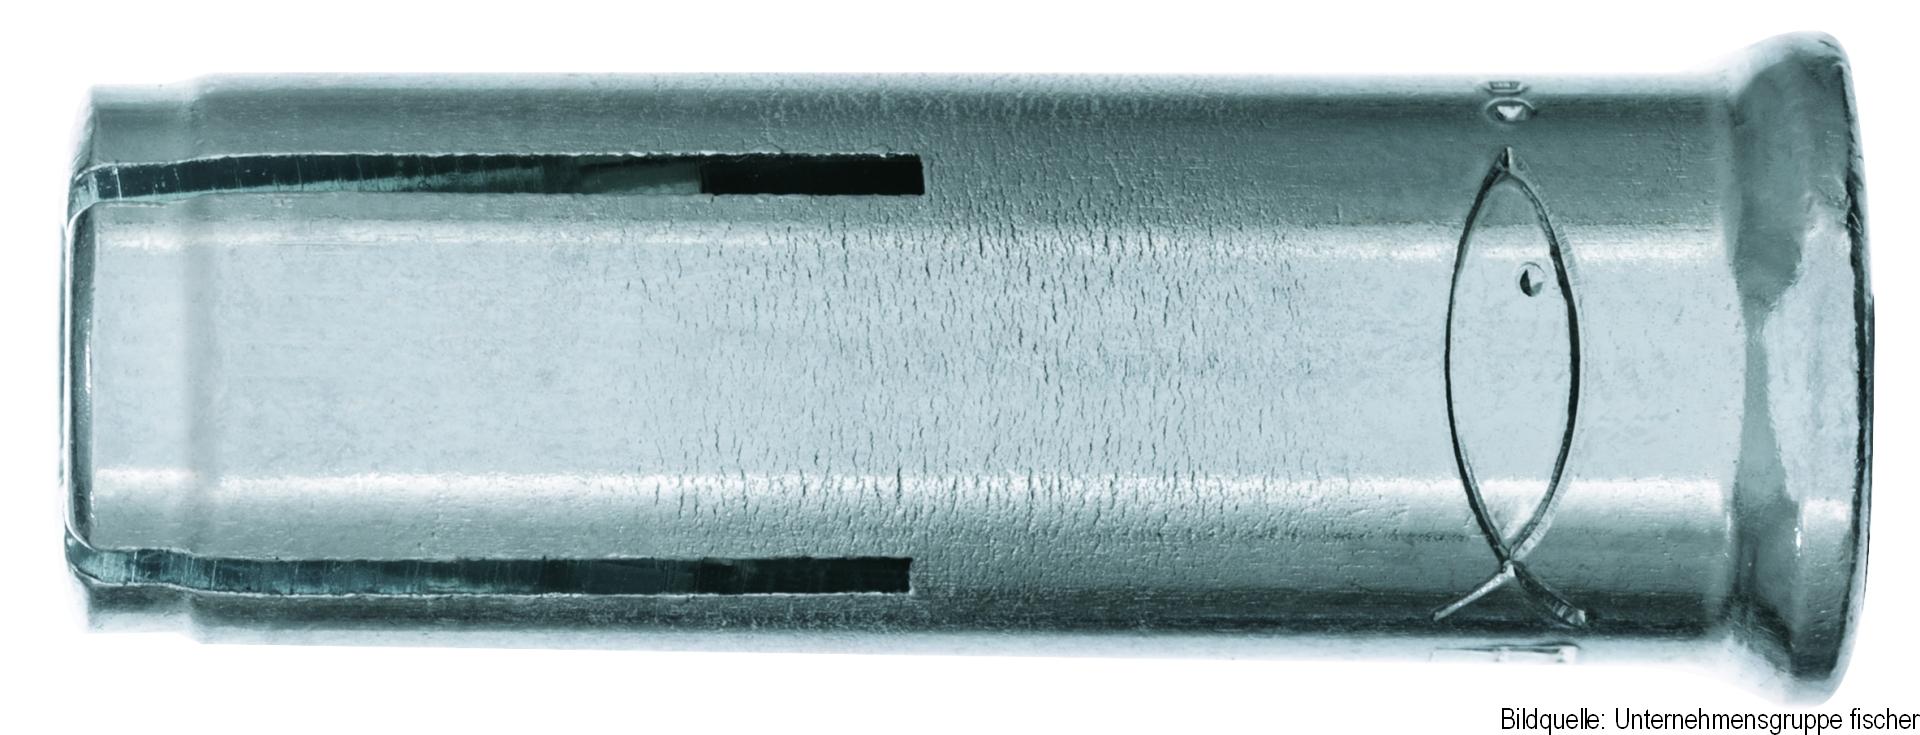 fischer Einschlaganker EA II M 12 x 50, Stahl, galvanisch verzinkt, 1 Stück